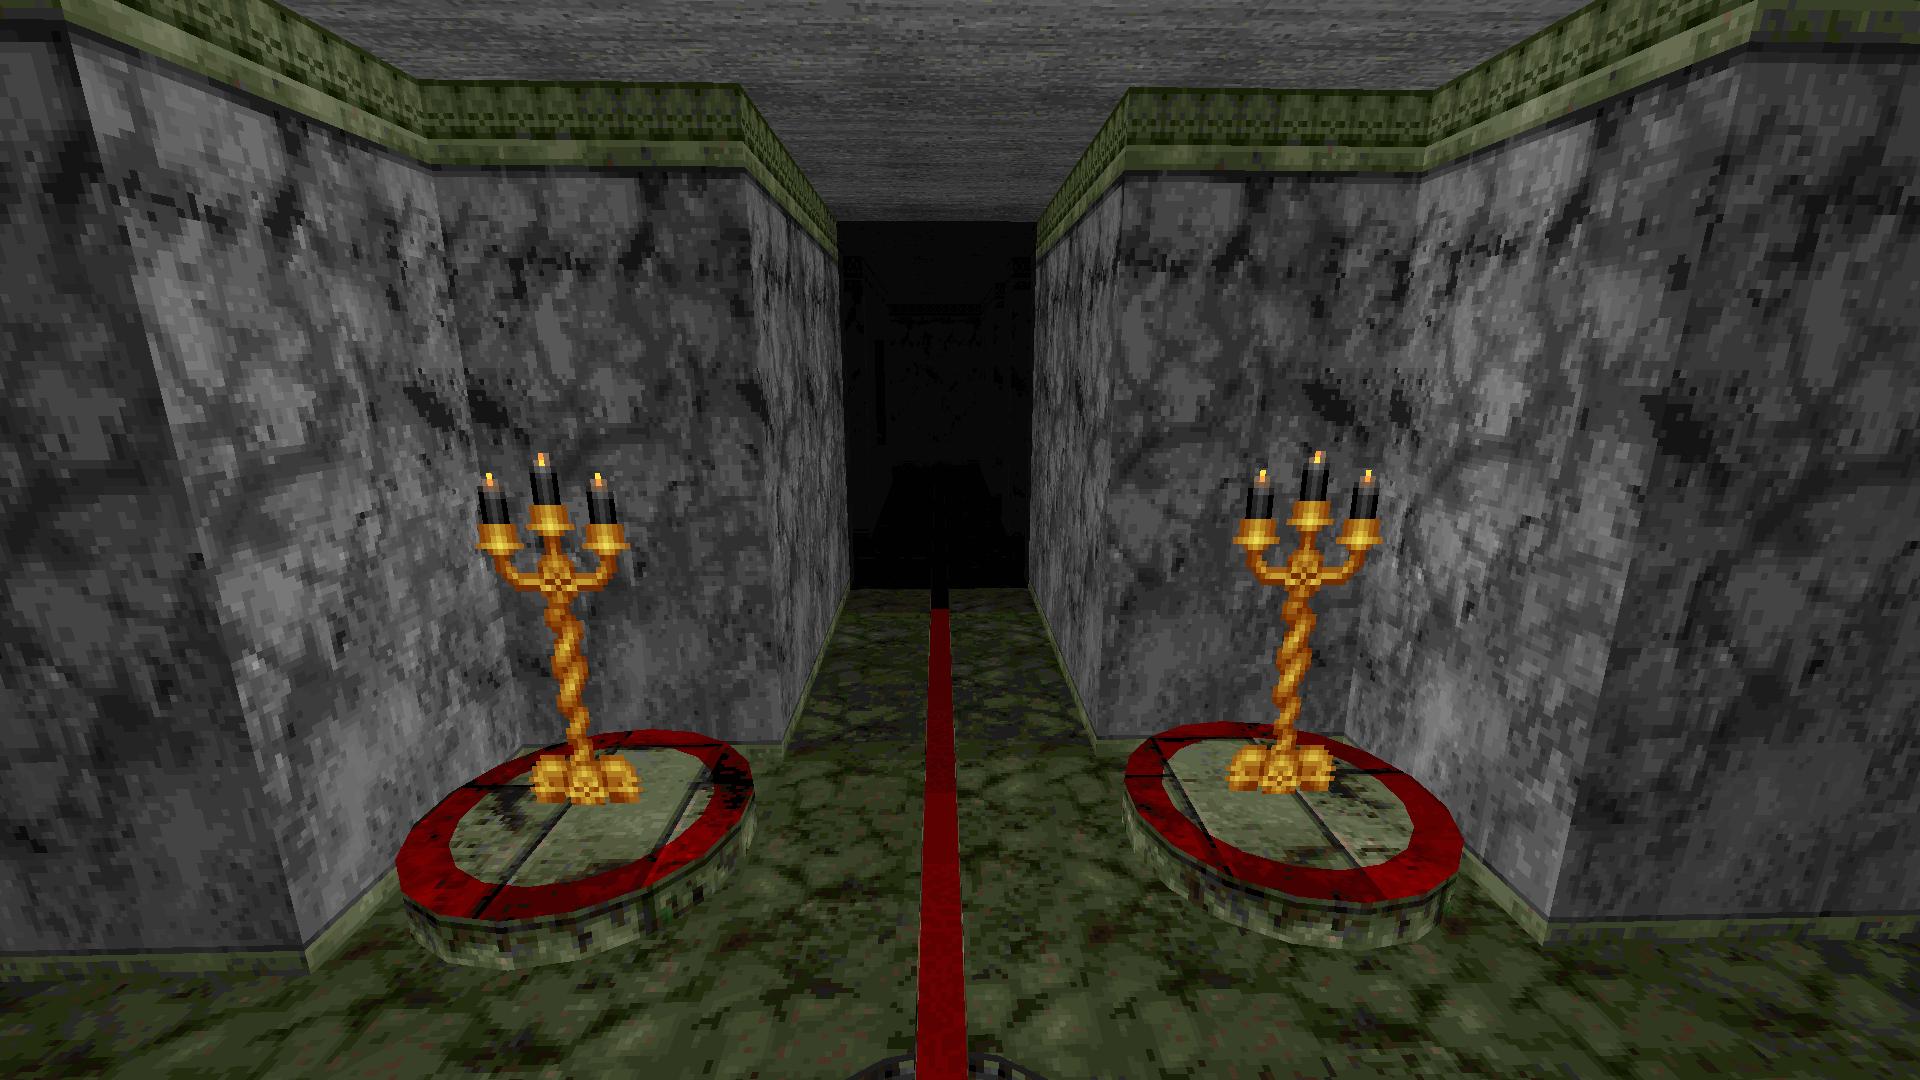 Darkened Halls